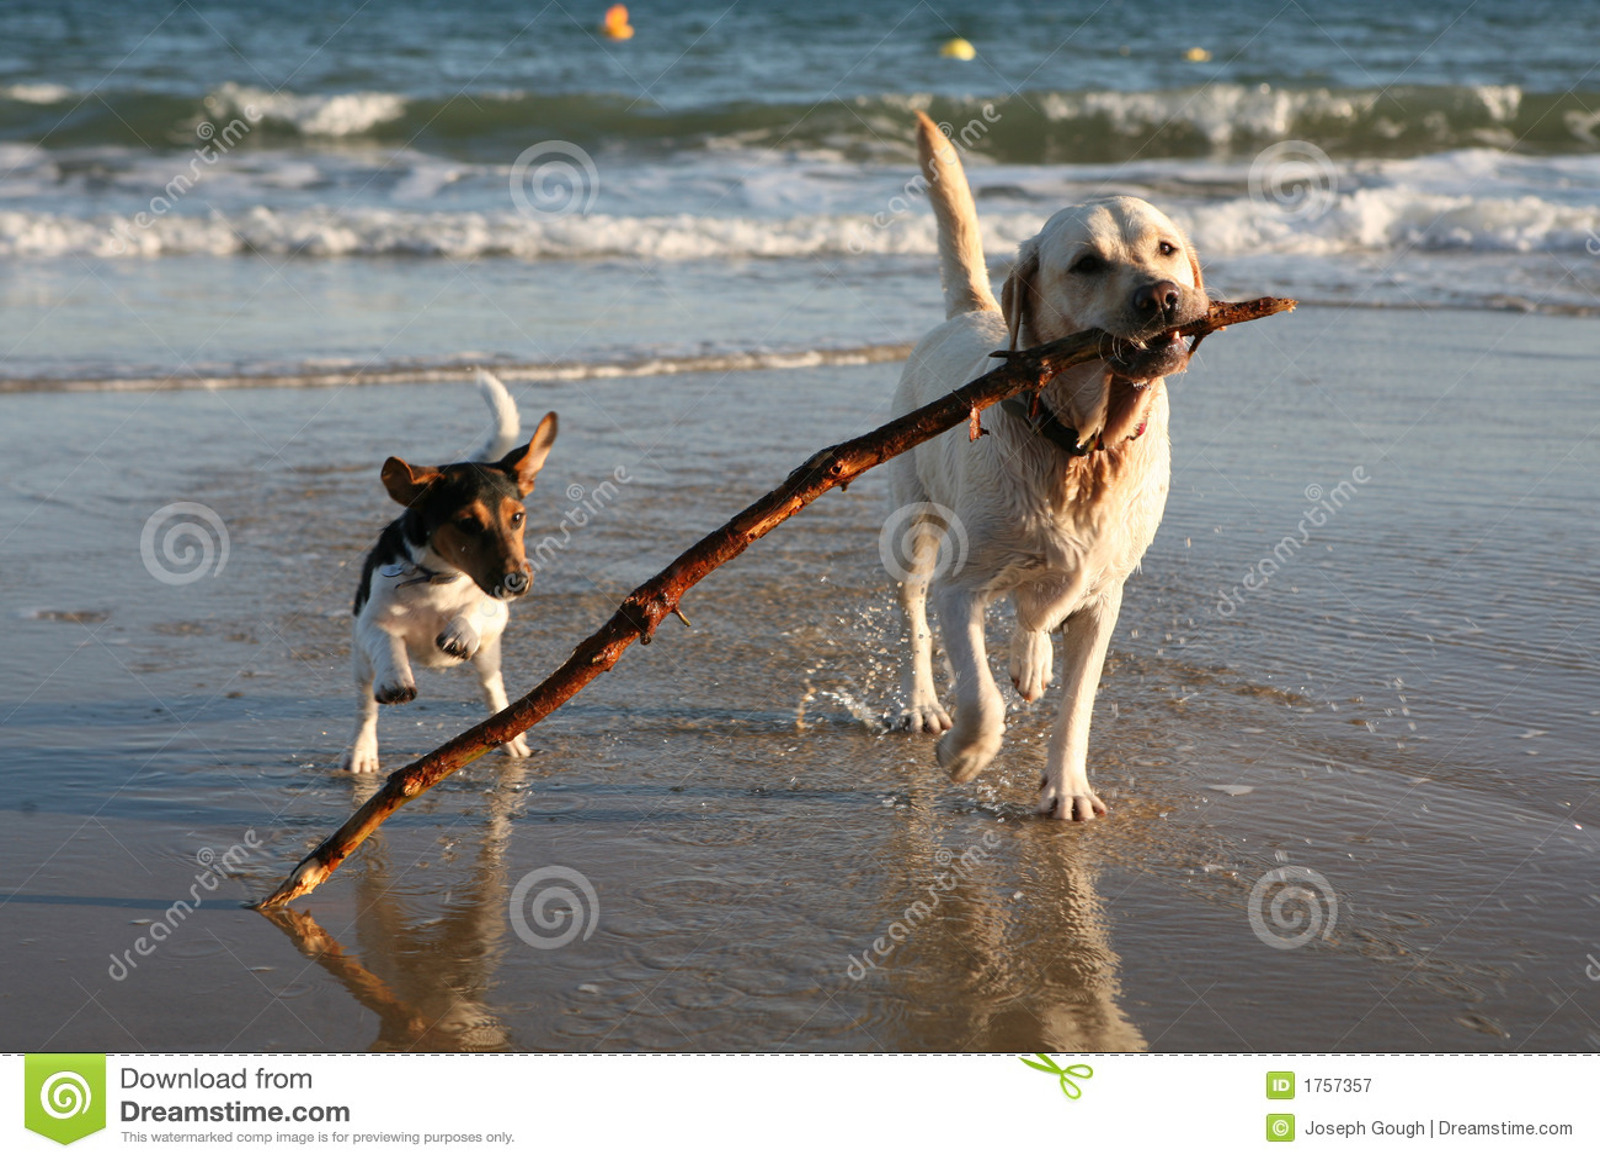 海滩尾随嬉戏的棍子